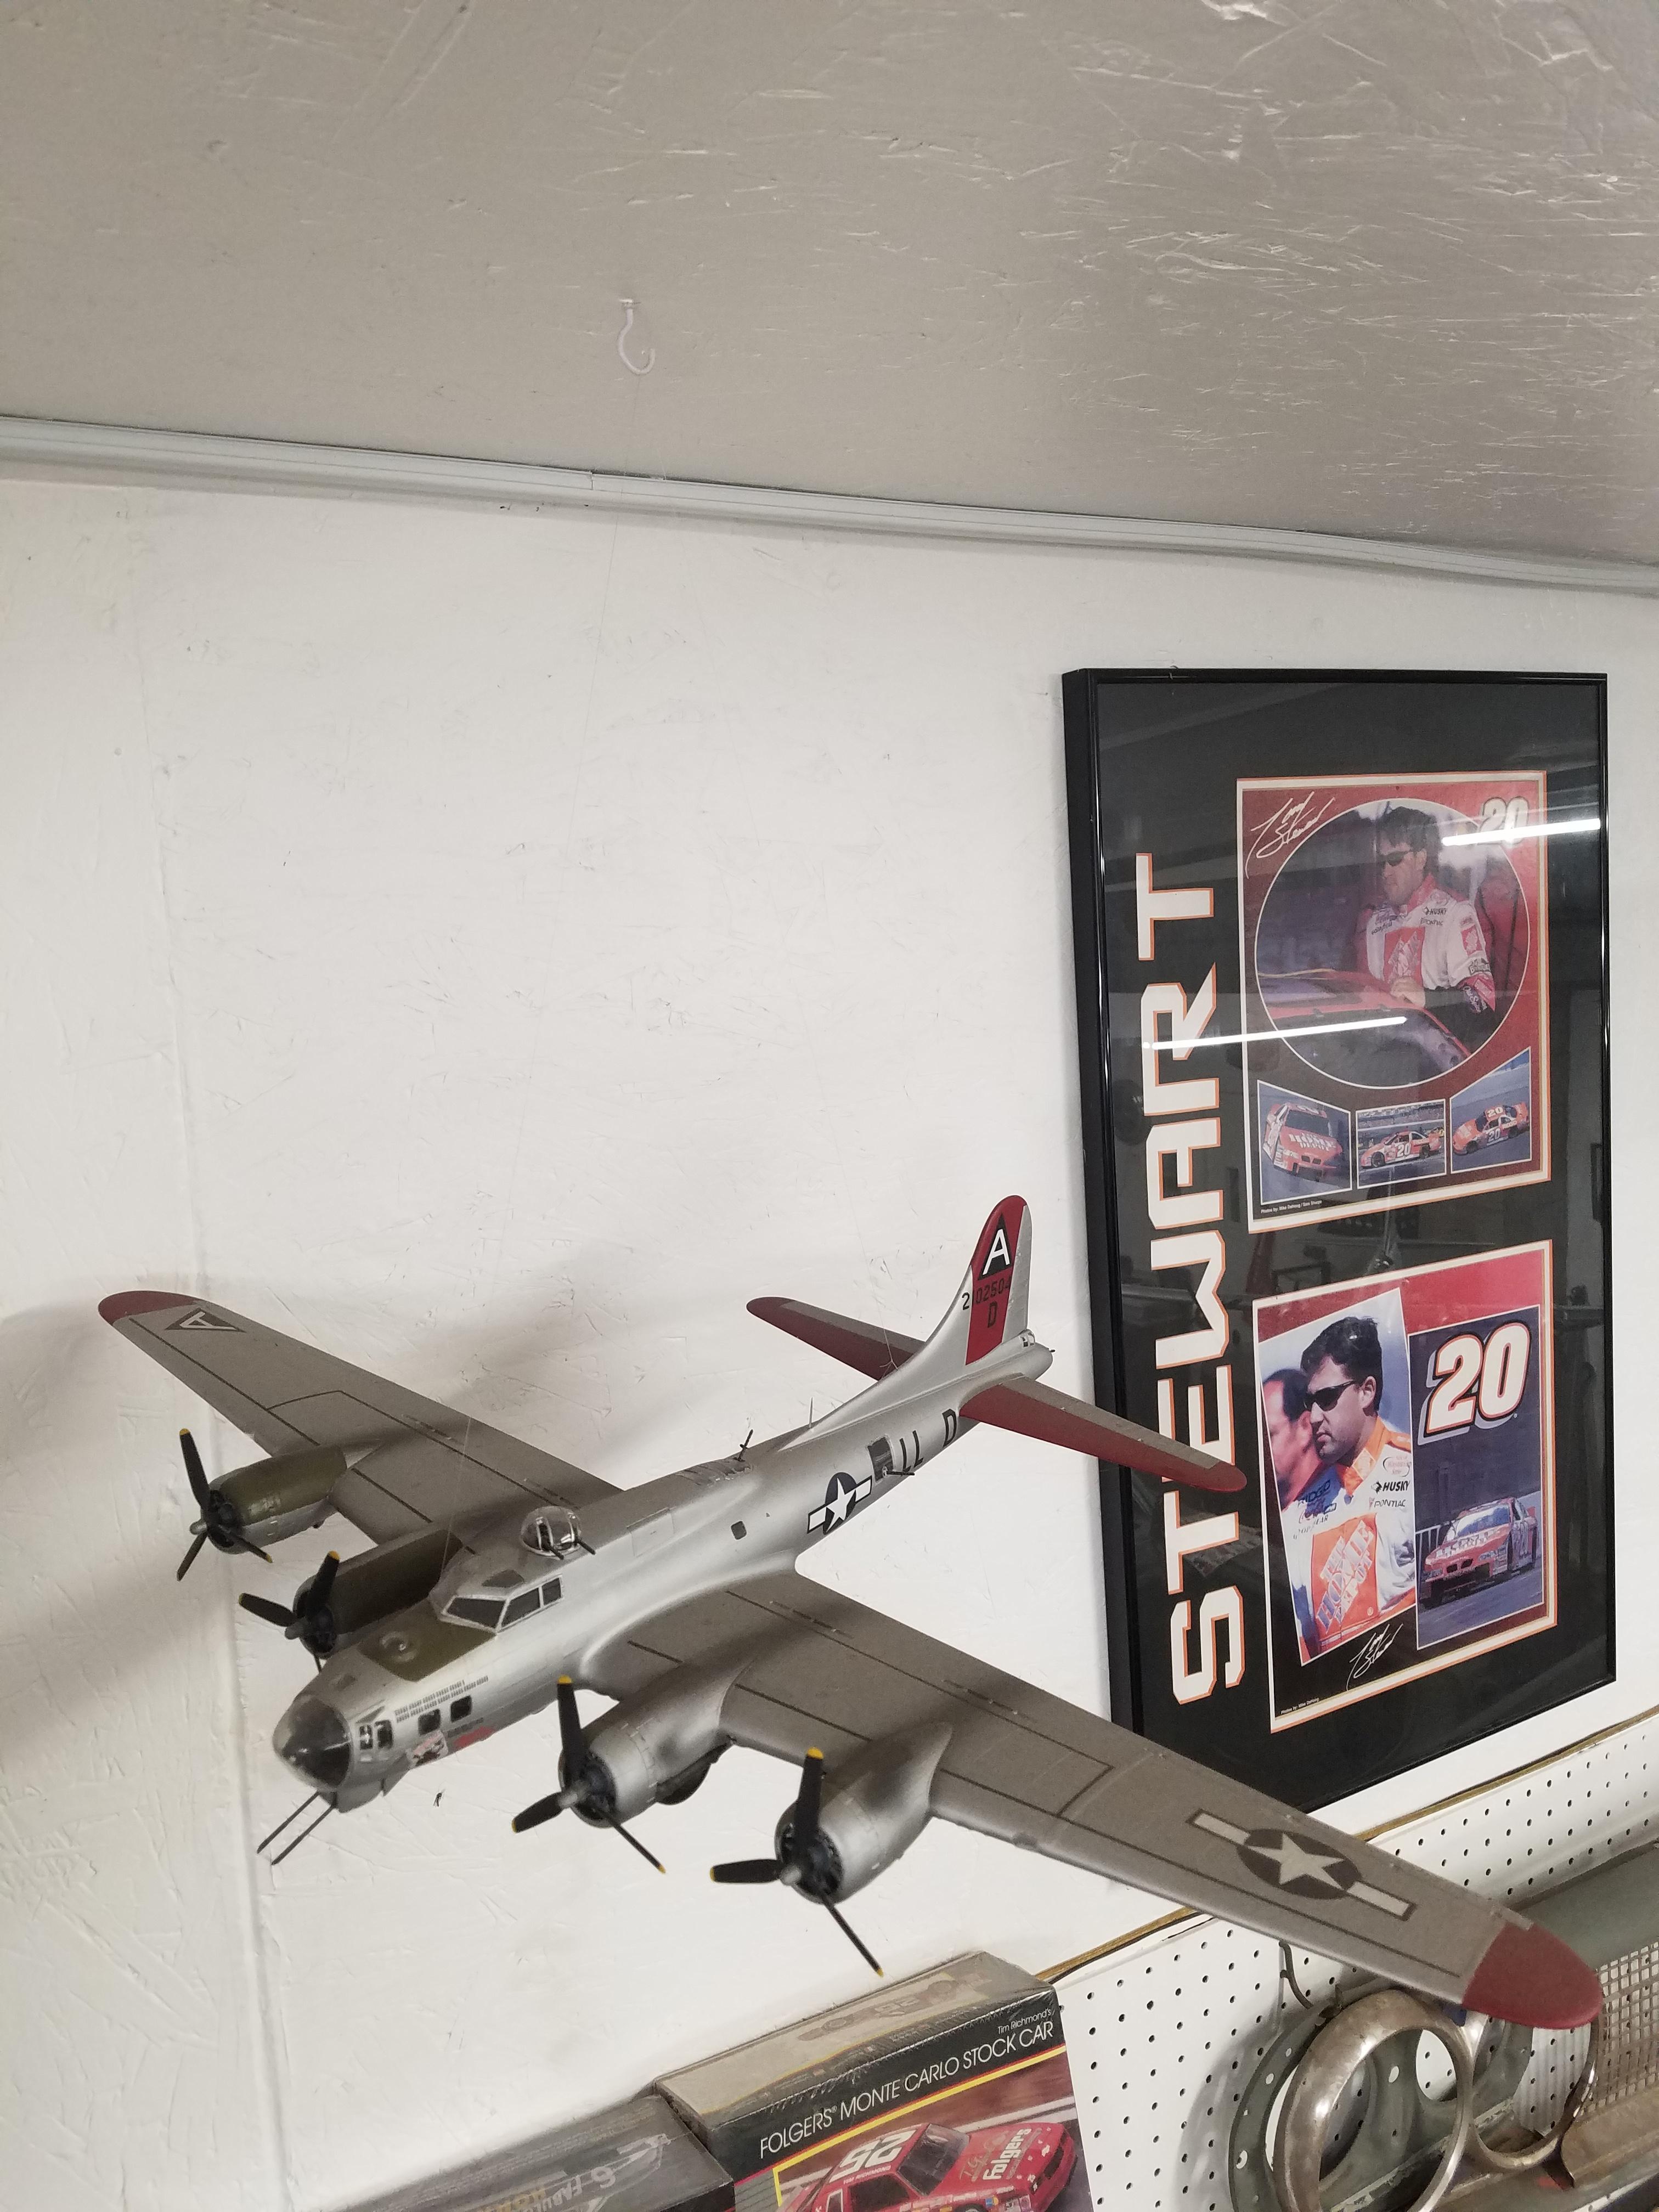 b-17 top.jpg